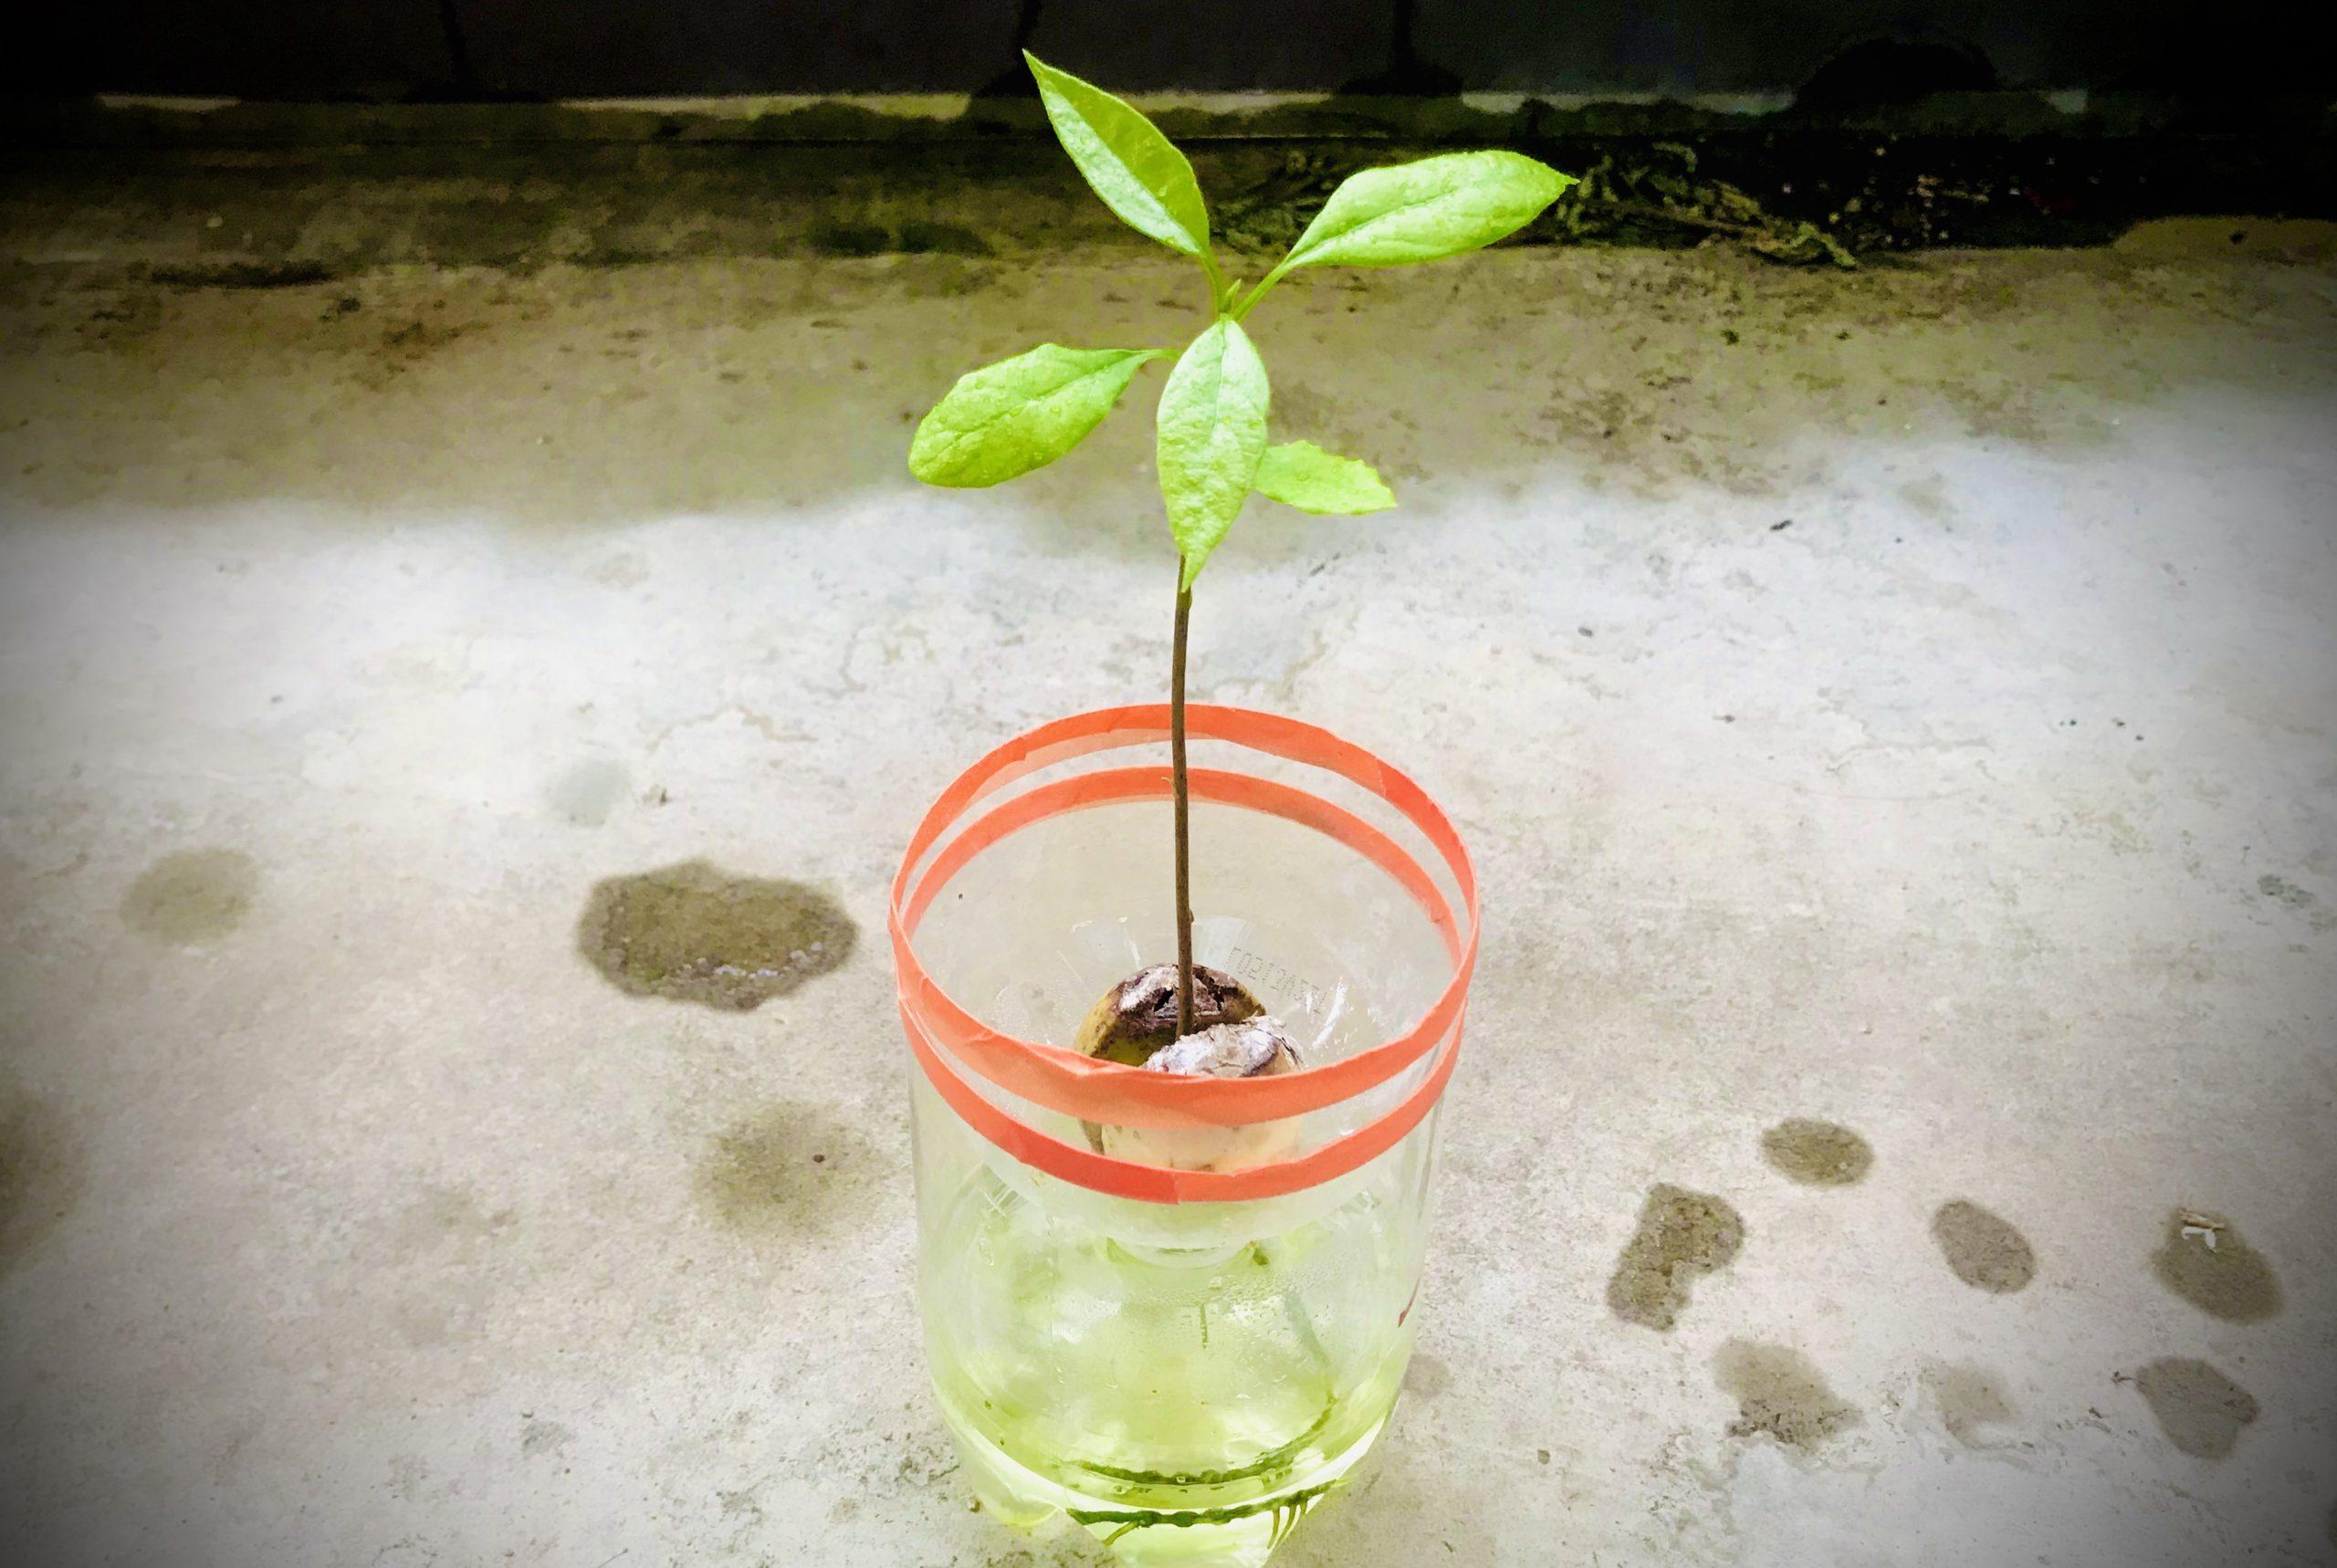 水耕栽培で苔が発生している様子